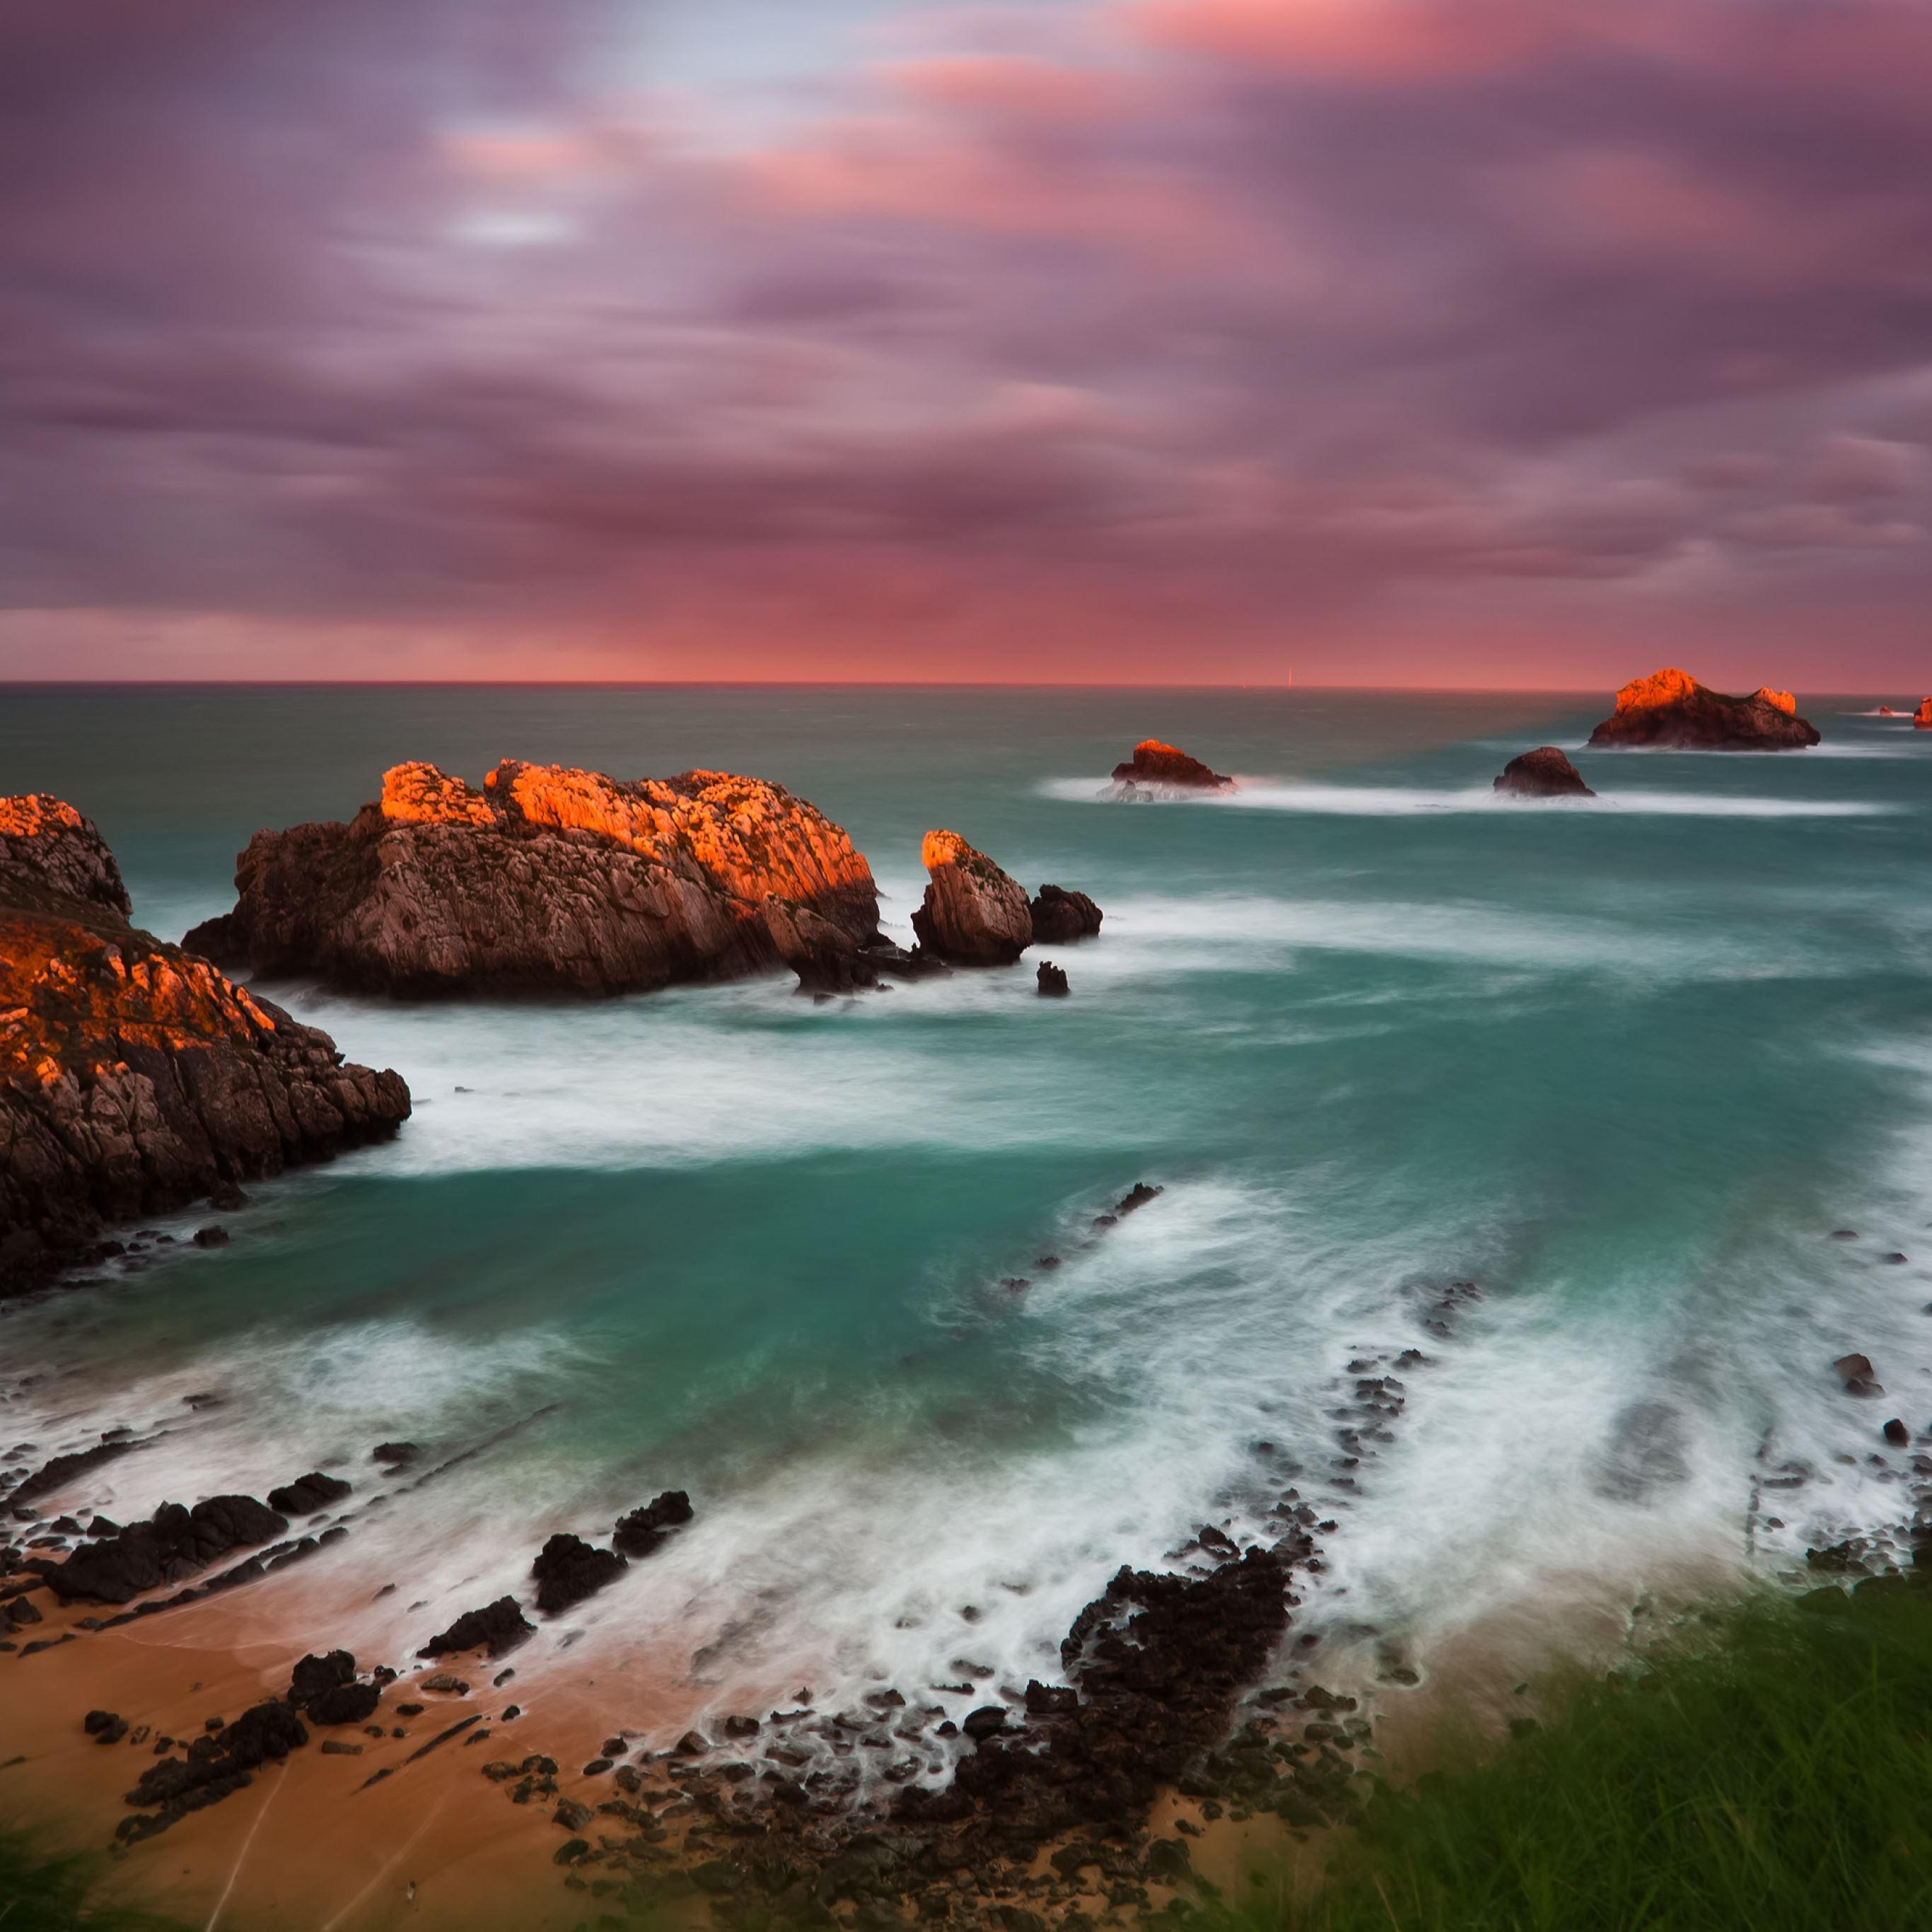 Spain coast decline rocks island iPad Pro wallpaper